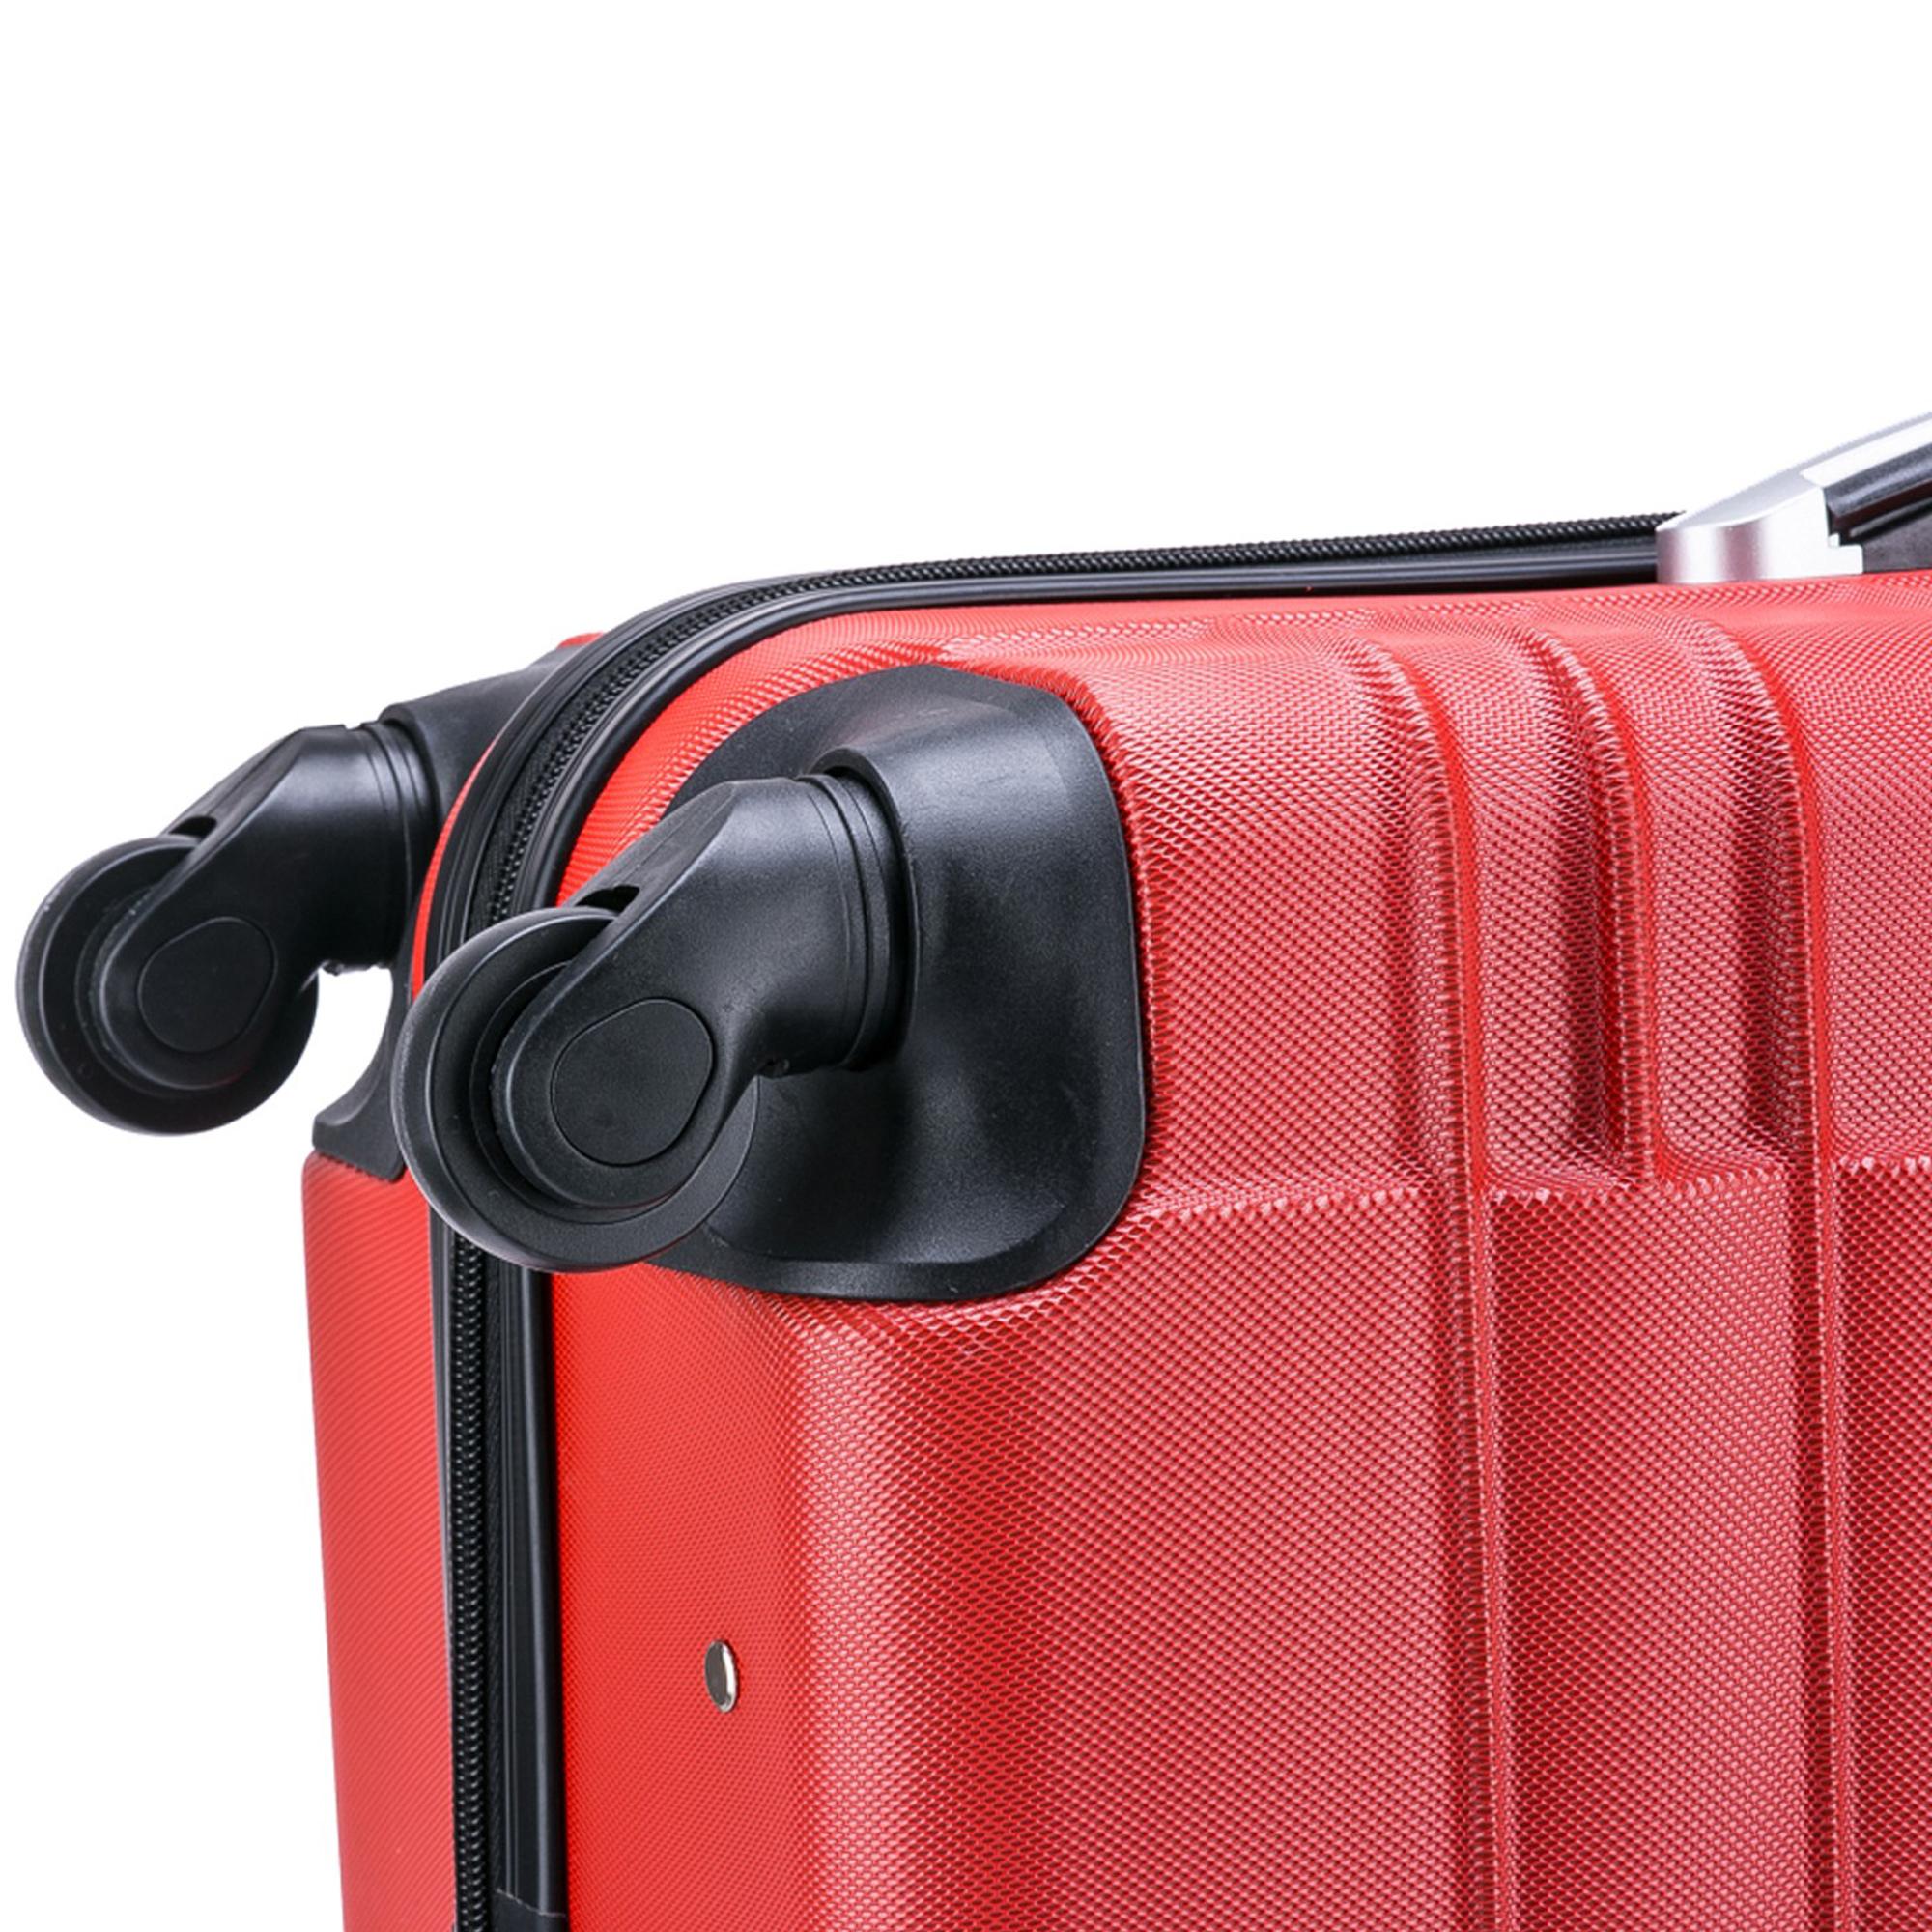 5 teiliges Koffer Set Hartschalenkoffer in 5 Farben - 9